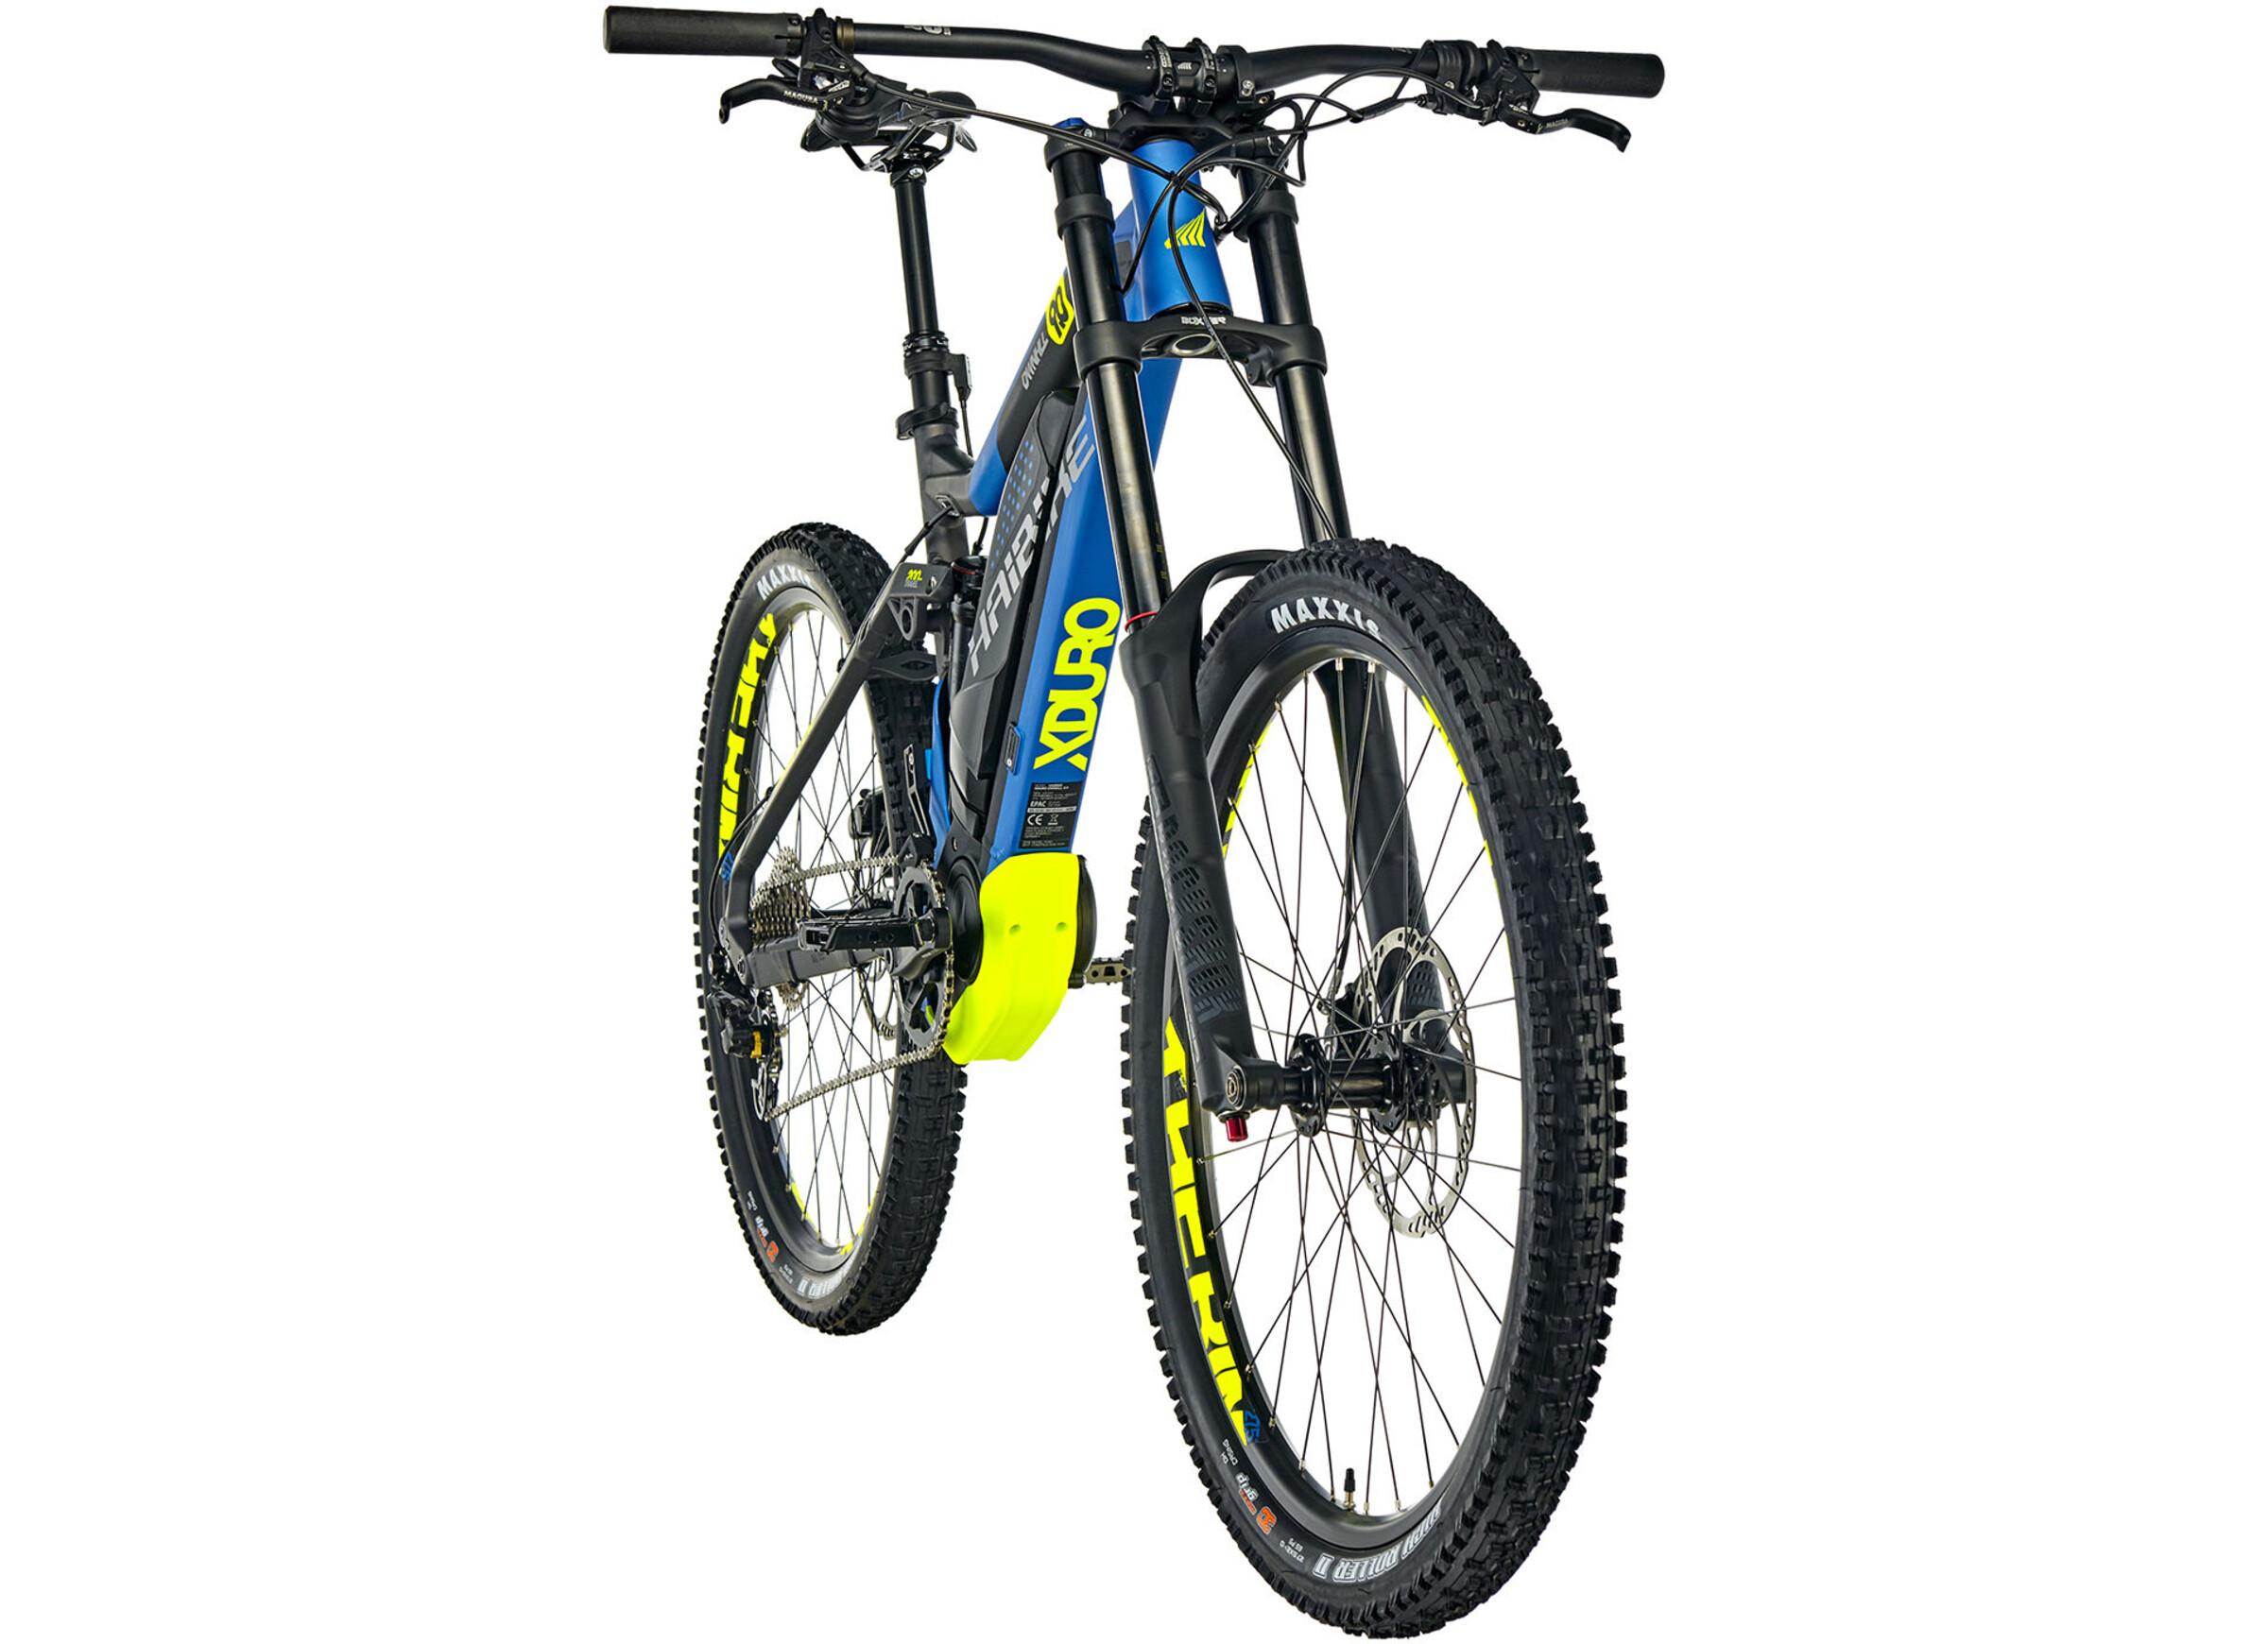 HAIBIKE XDURO Dwnhll 9.0 E-MTB fullsuspension grå/blå | Find cykeltilbehør på nettet | Bikester.dk